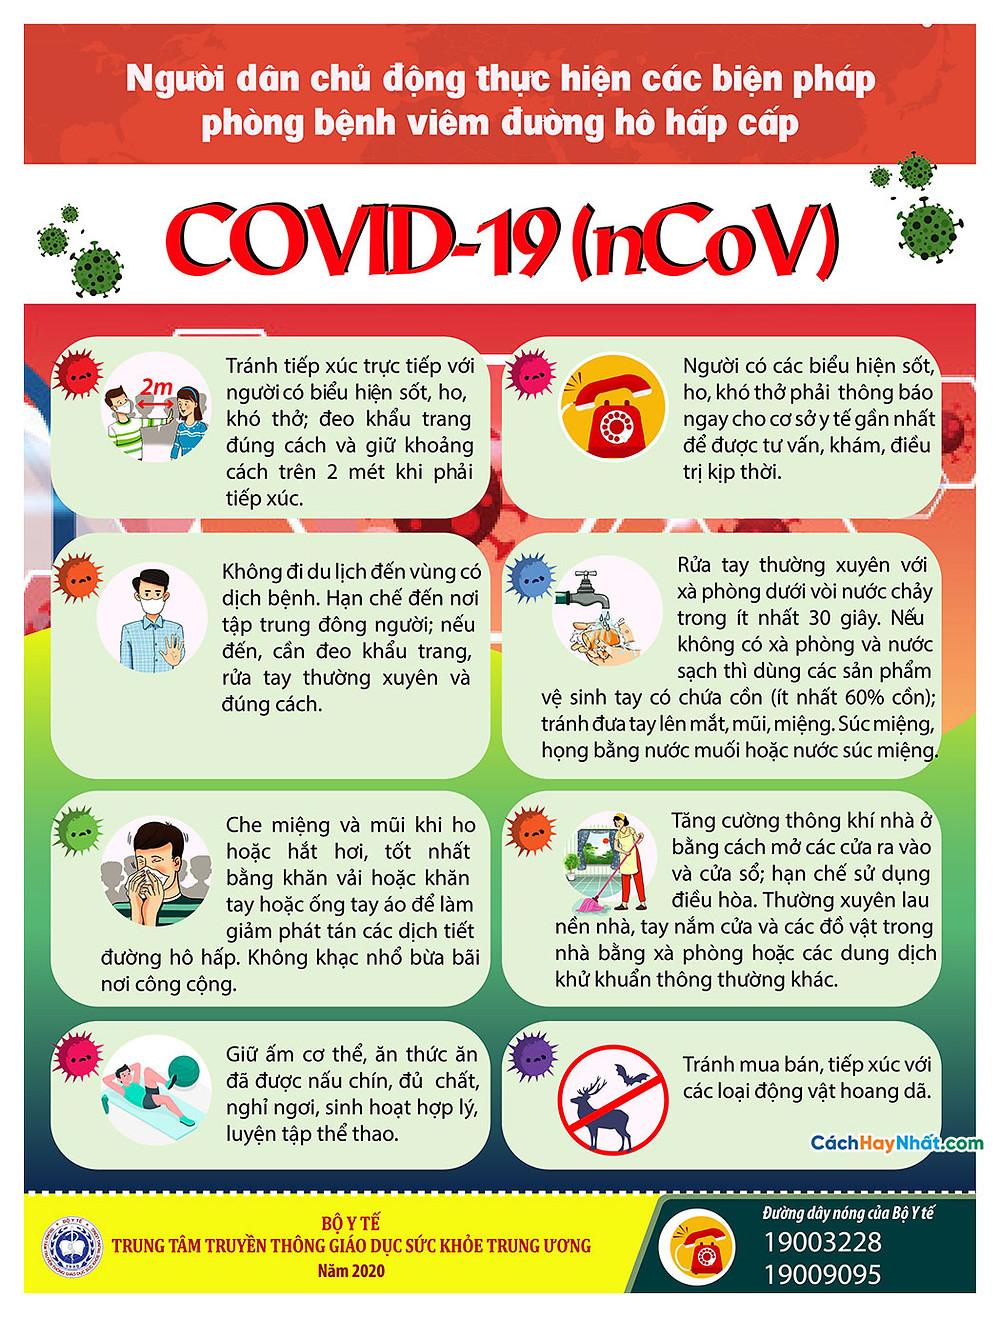 Áp Phích Hướng Dẫn Biện Pháp Phòng Bệnh Covid-19 File Vector Corel PDF AI